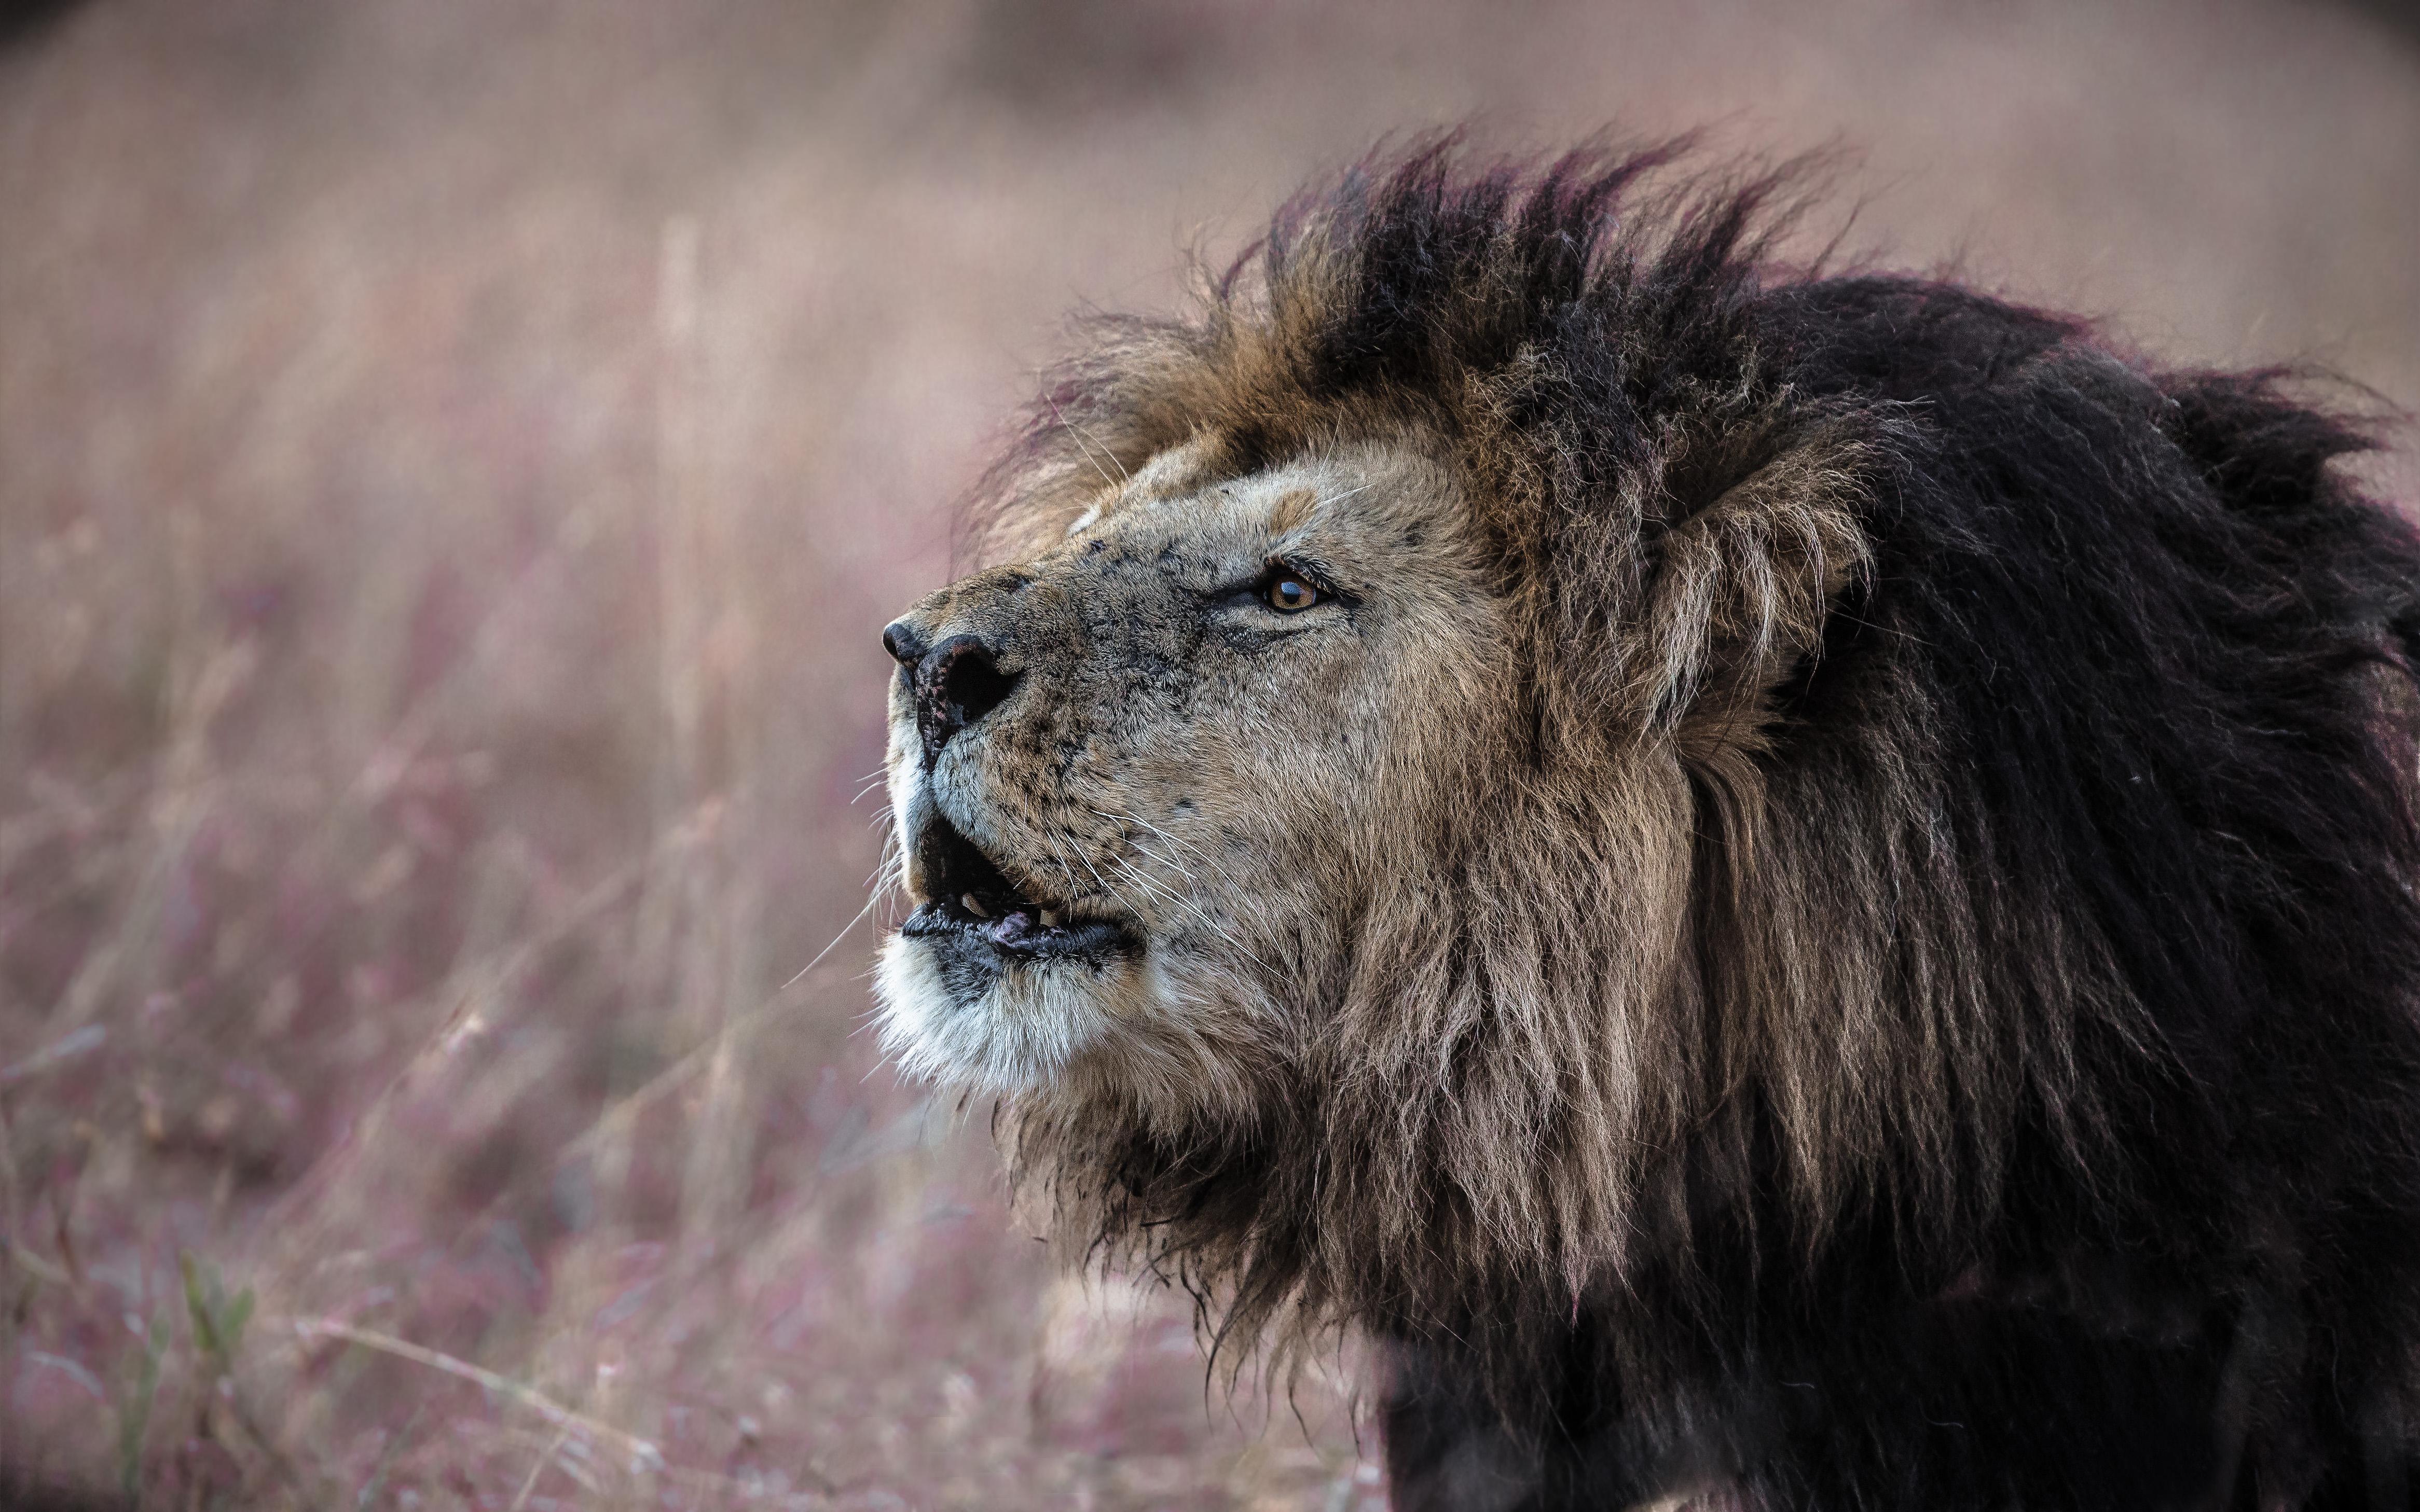 Lion - Blacky